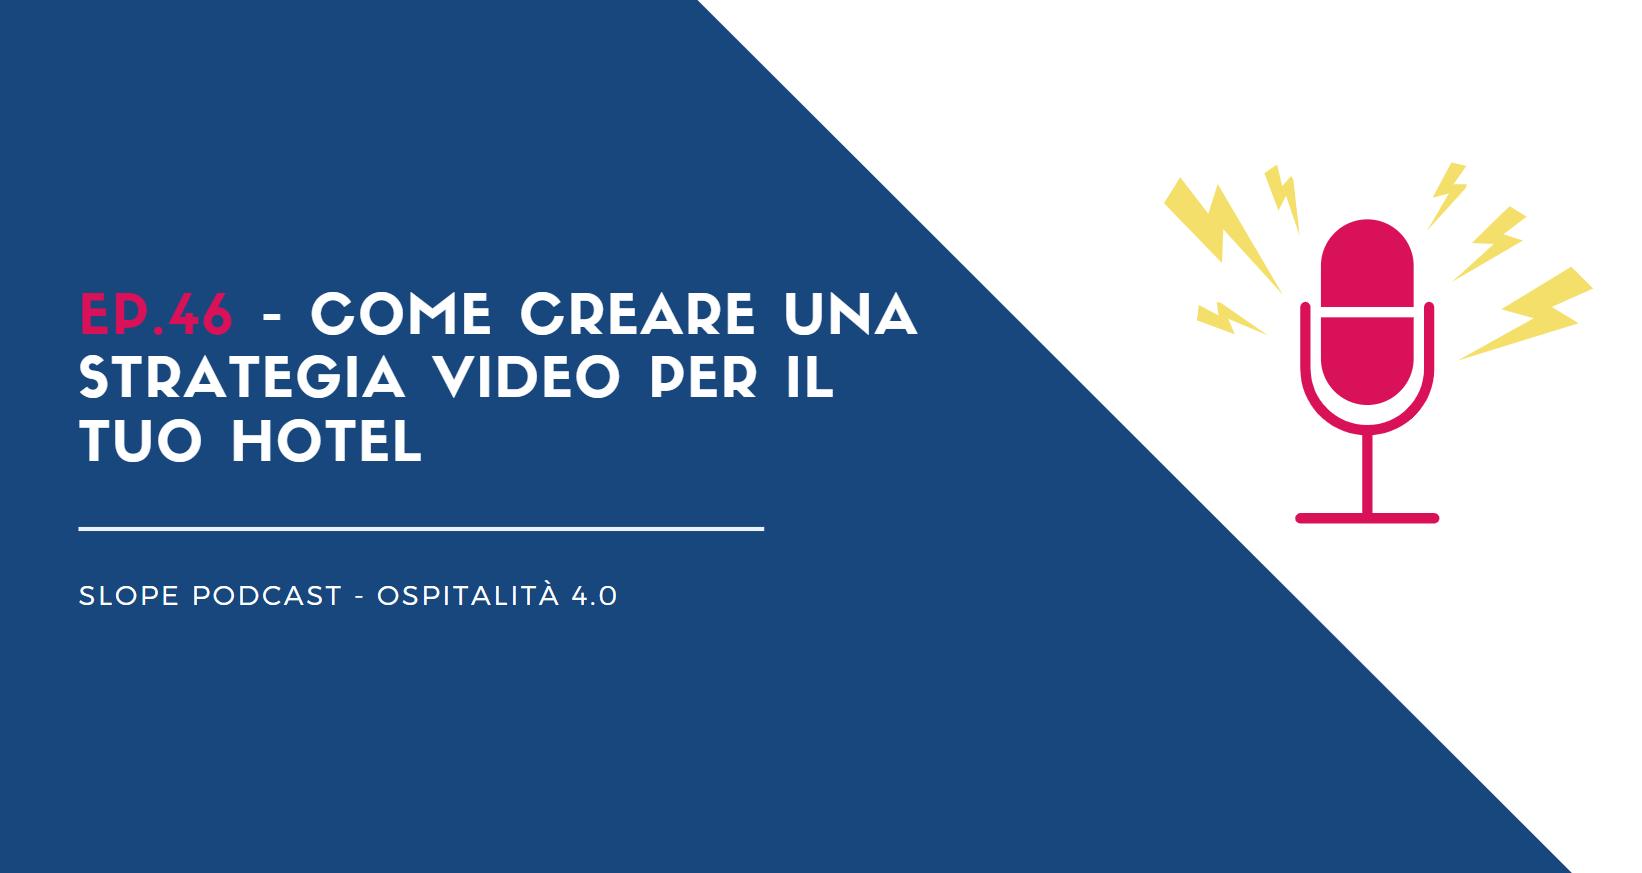 Come creare una strategia video per il tuo hotel